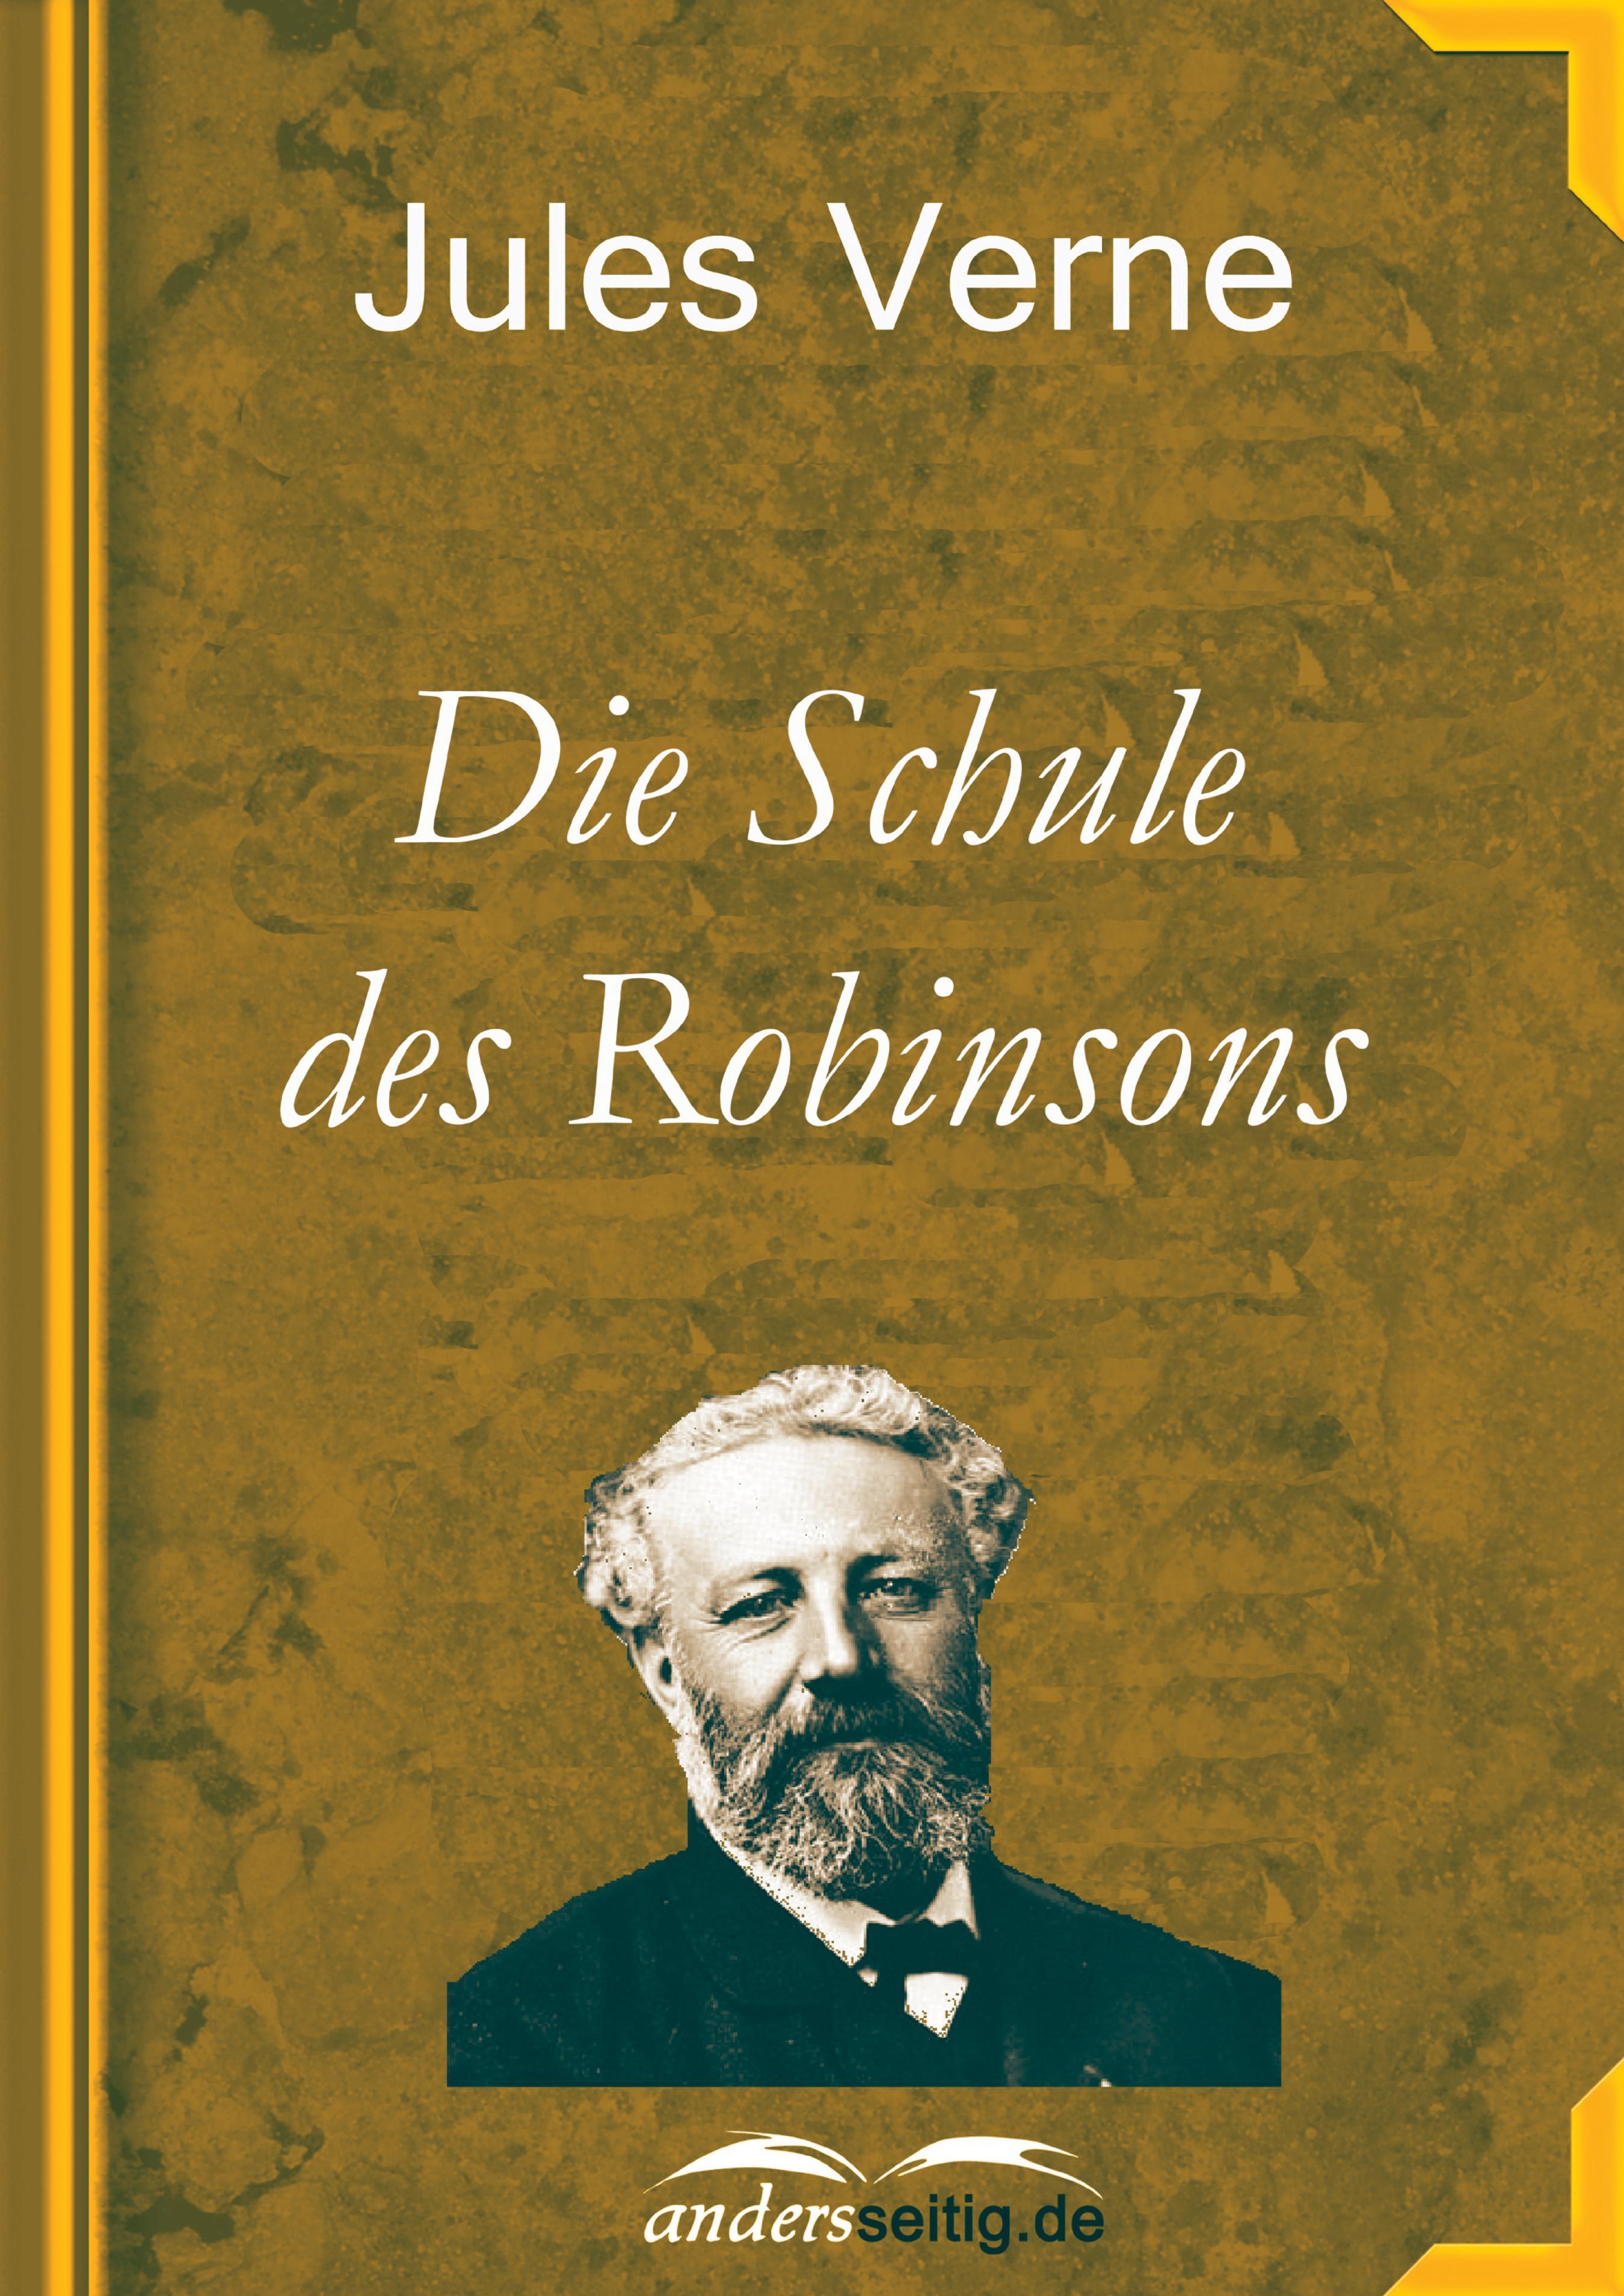 Jules Verne Die Schule des Robinsons